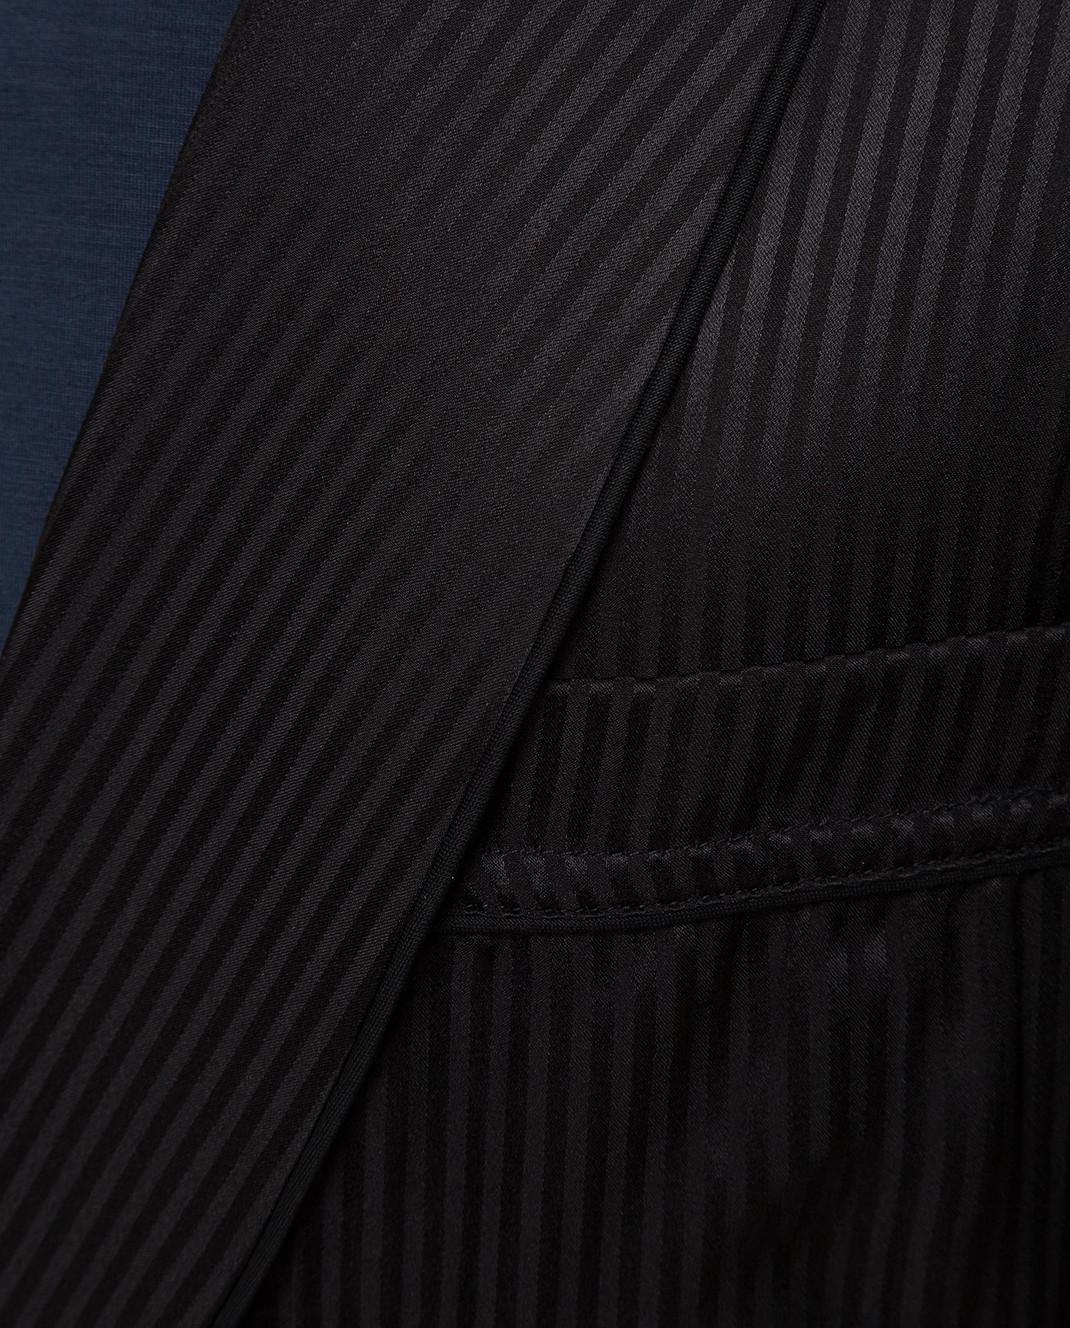 Derek Rose Черный халат 5505WOBU008 изображение 5